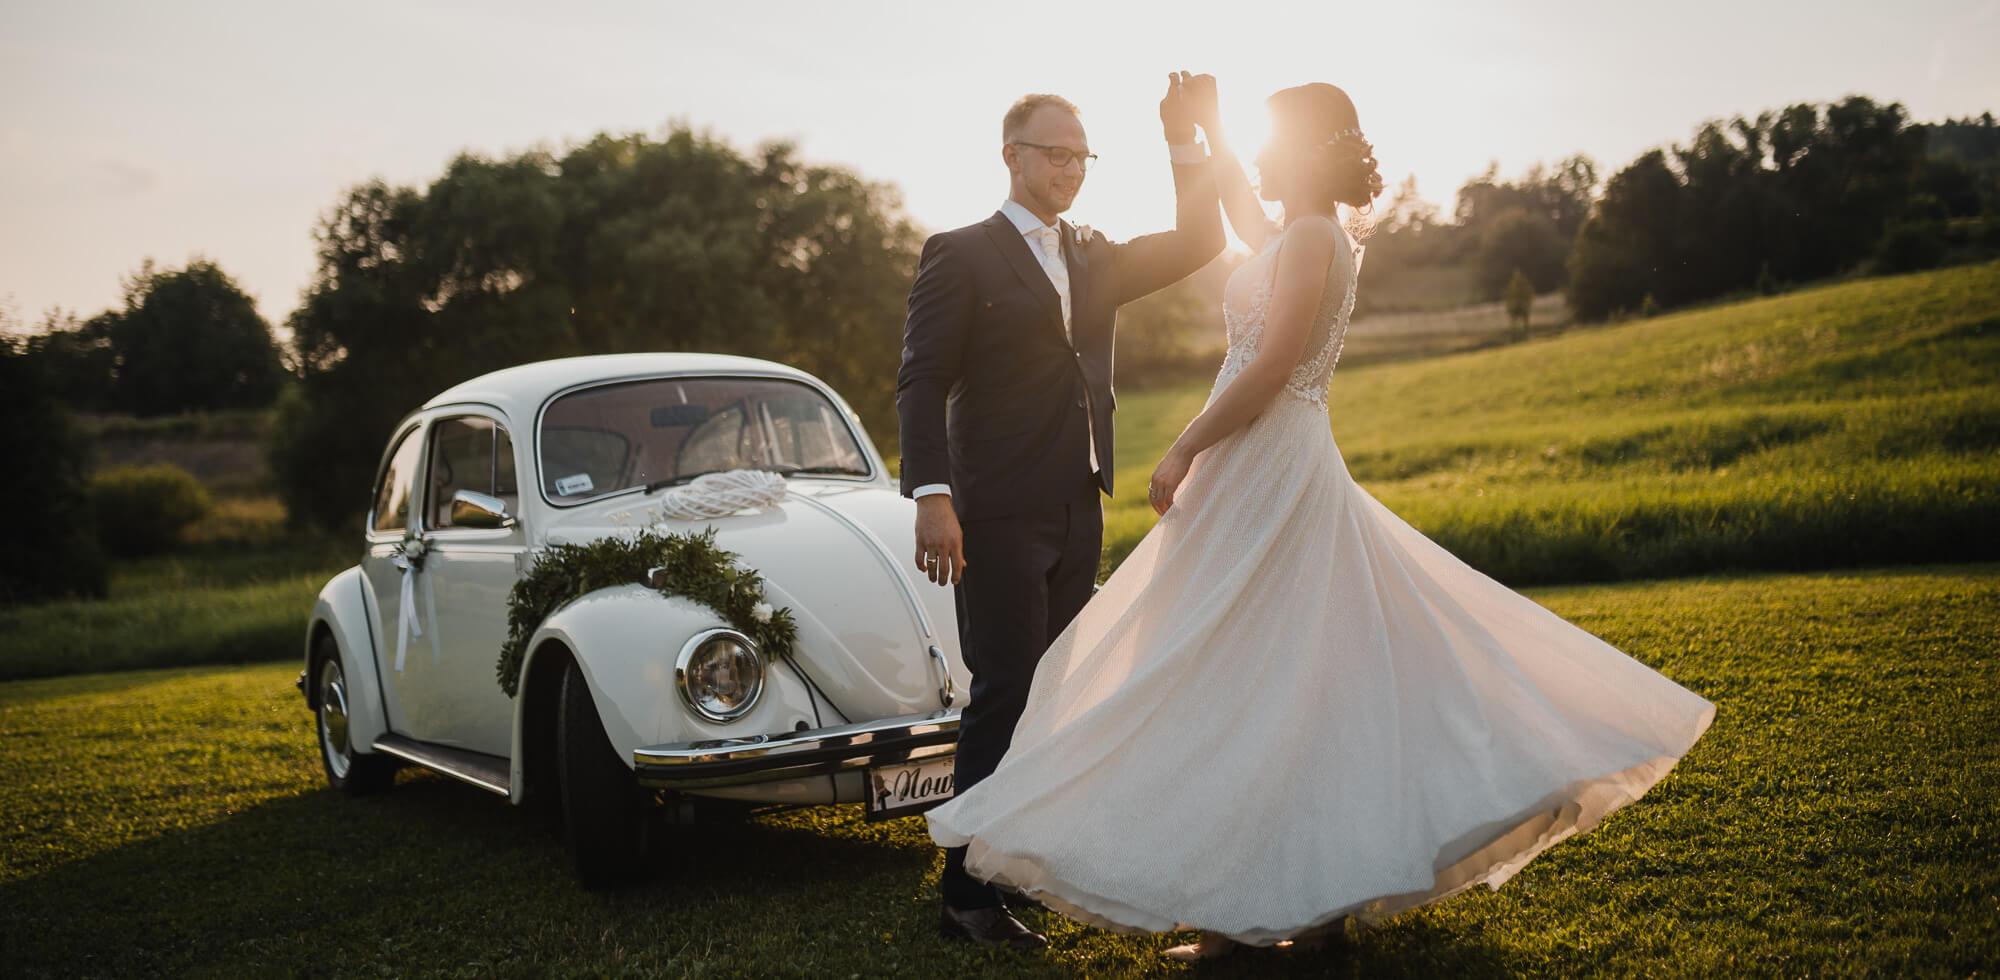 Łostówka - sesja fotograficzna w dniu ślubu o zachodzie słońca